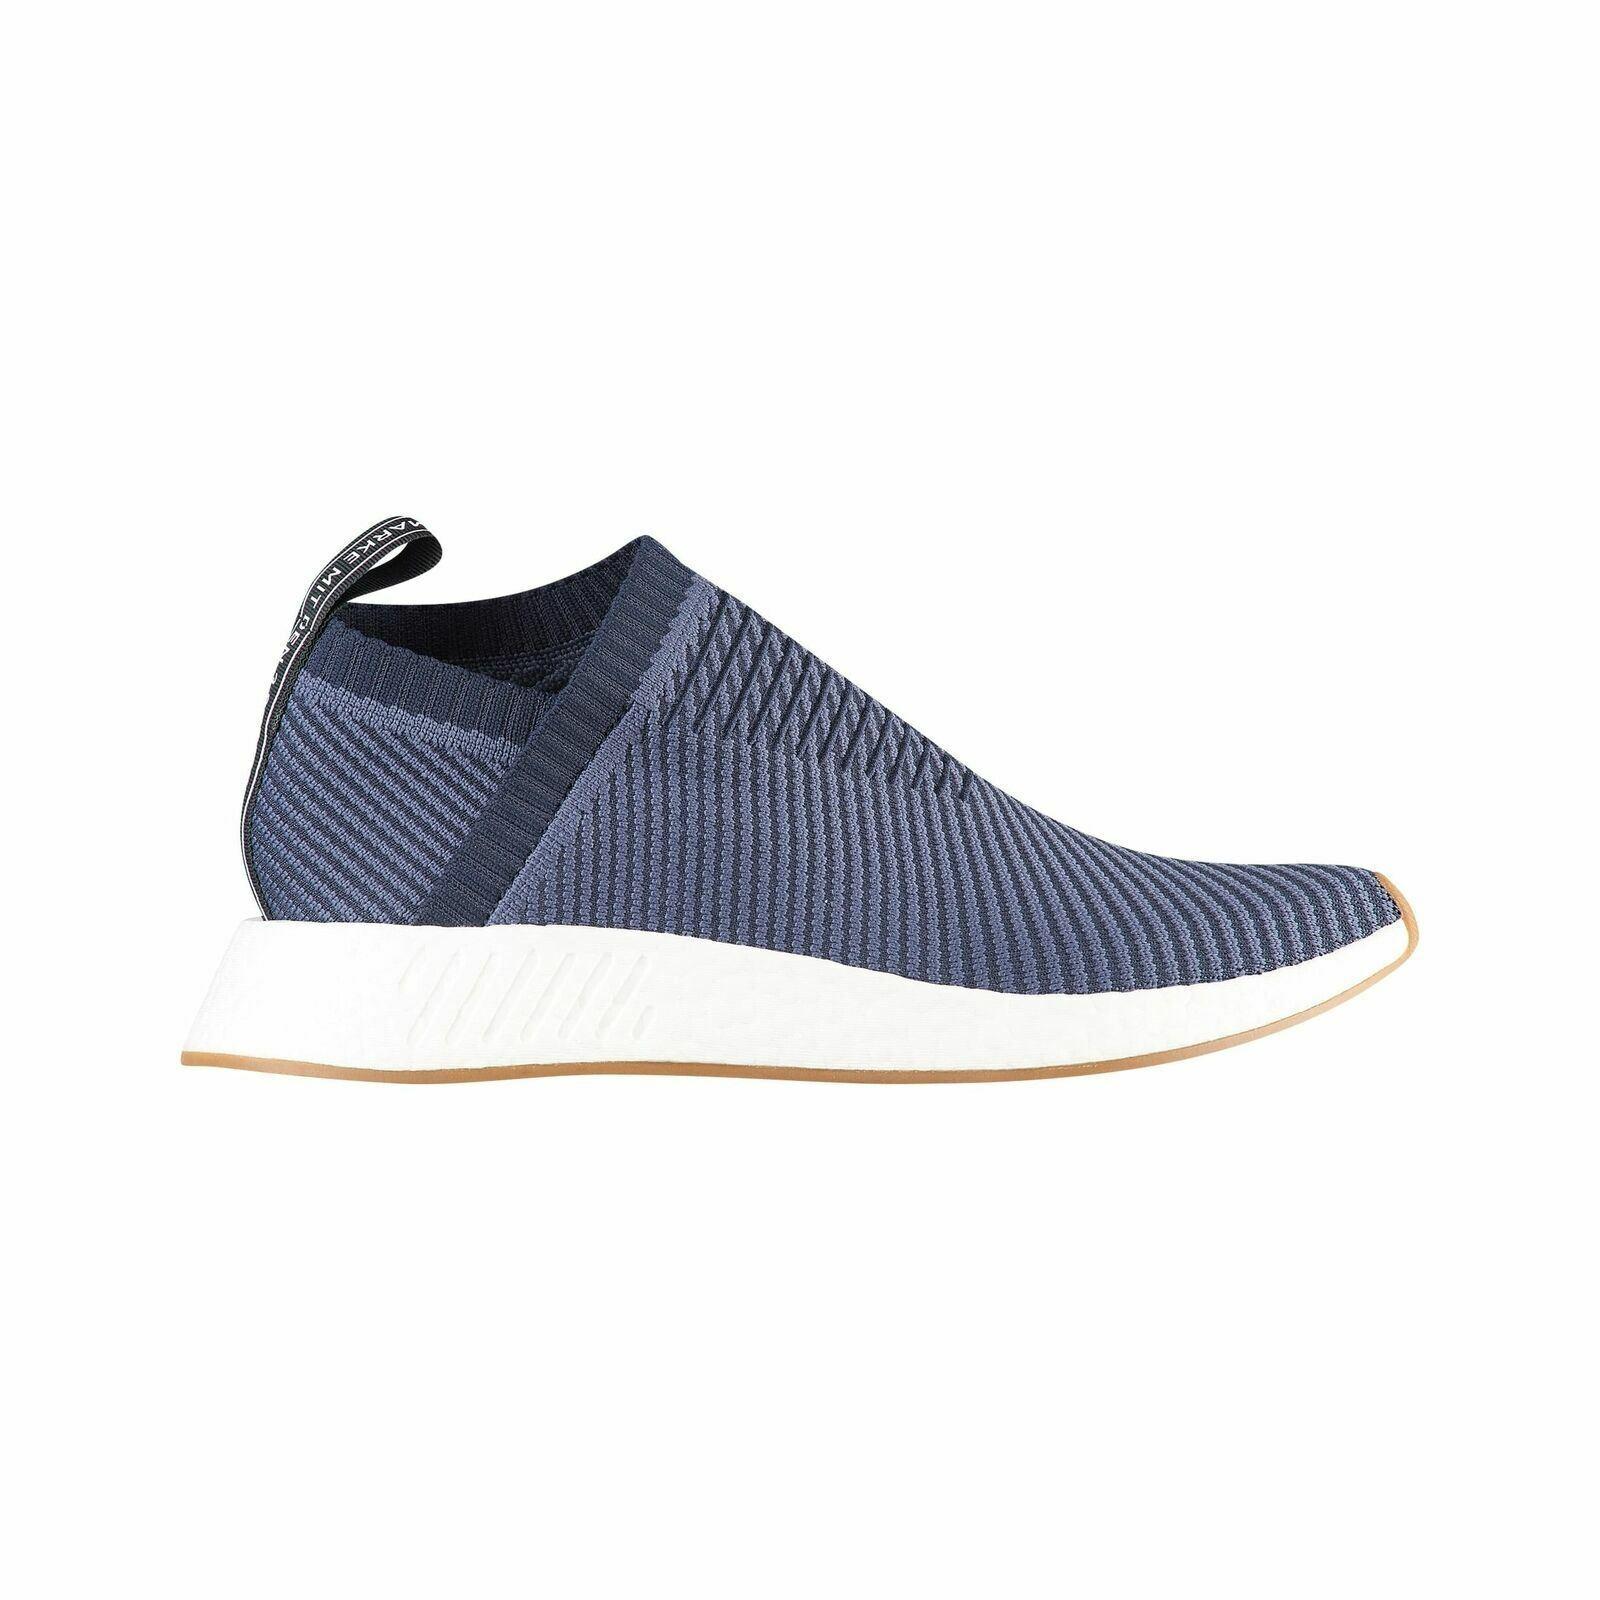 Détails sur Adidas Originals NMD CS2 Primeknit W Boost Baskets Taille UK 5 afficher le titre d'origine